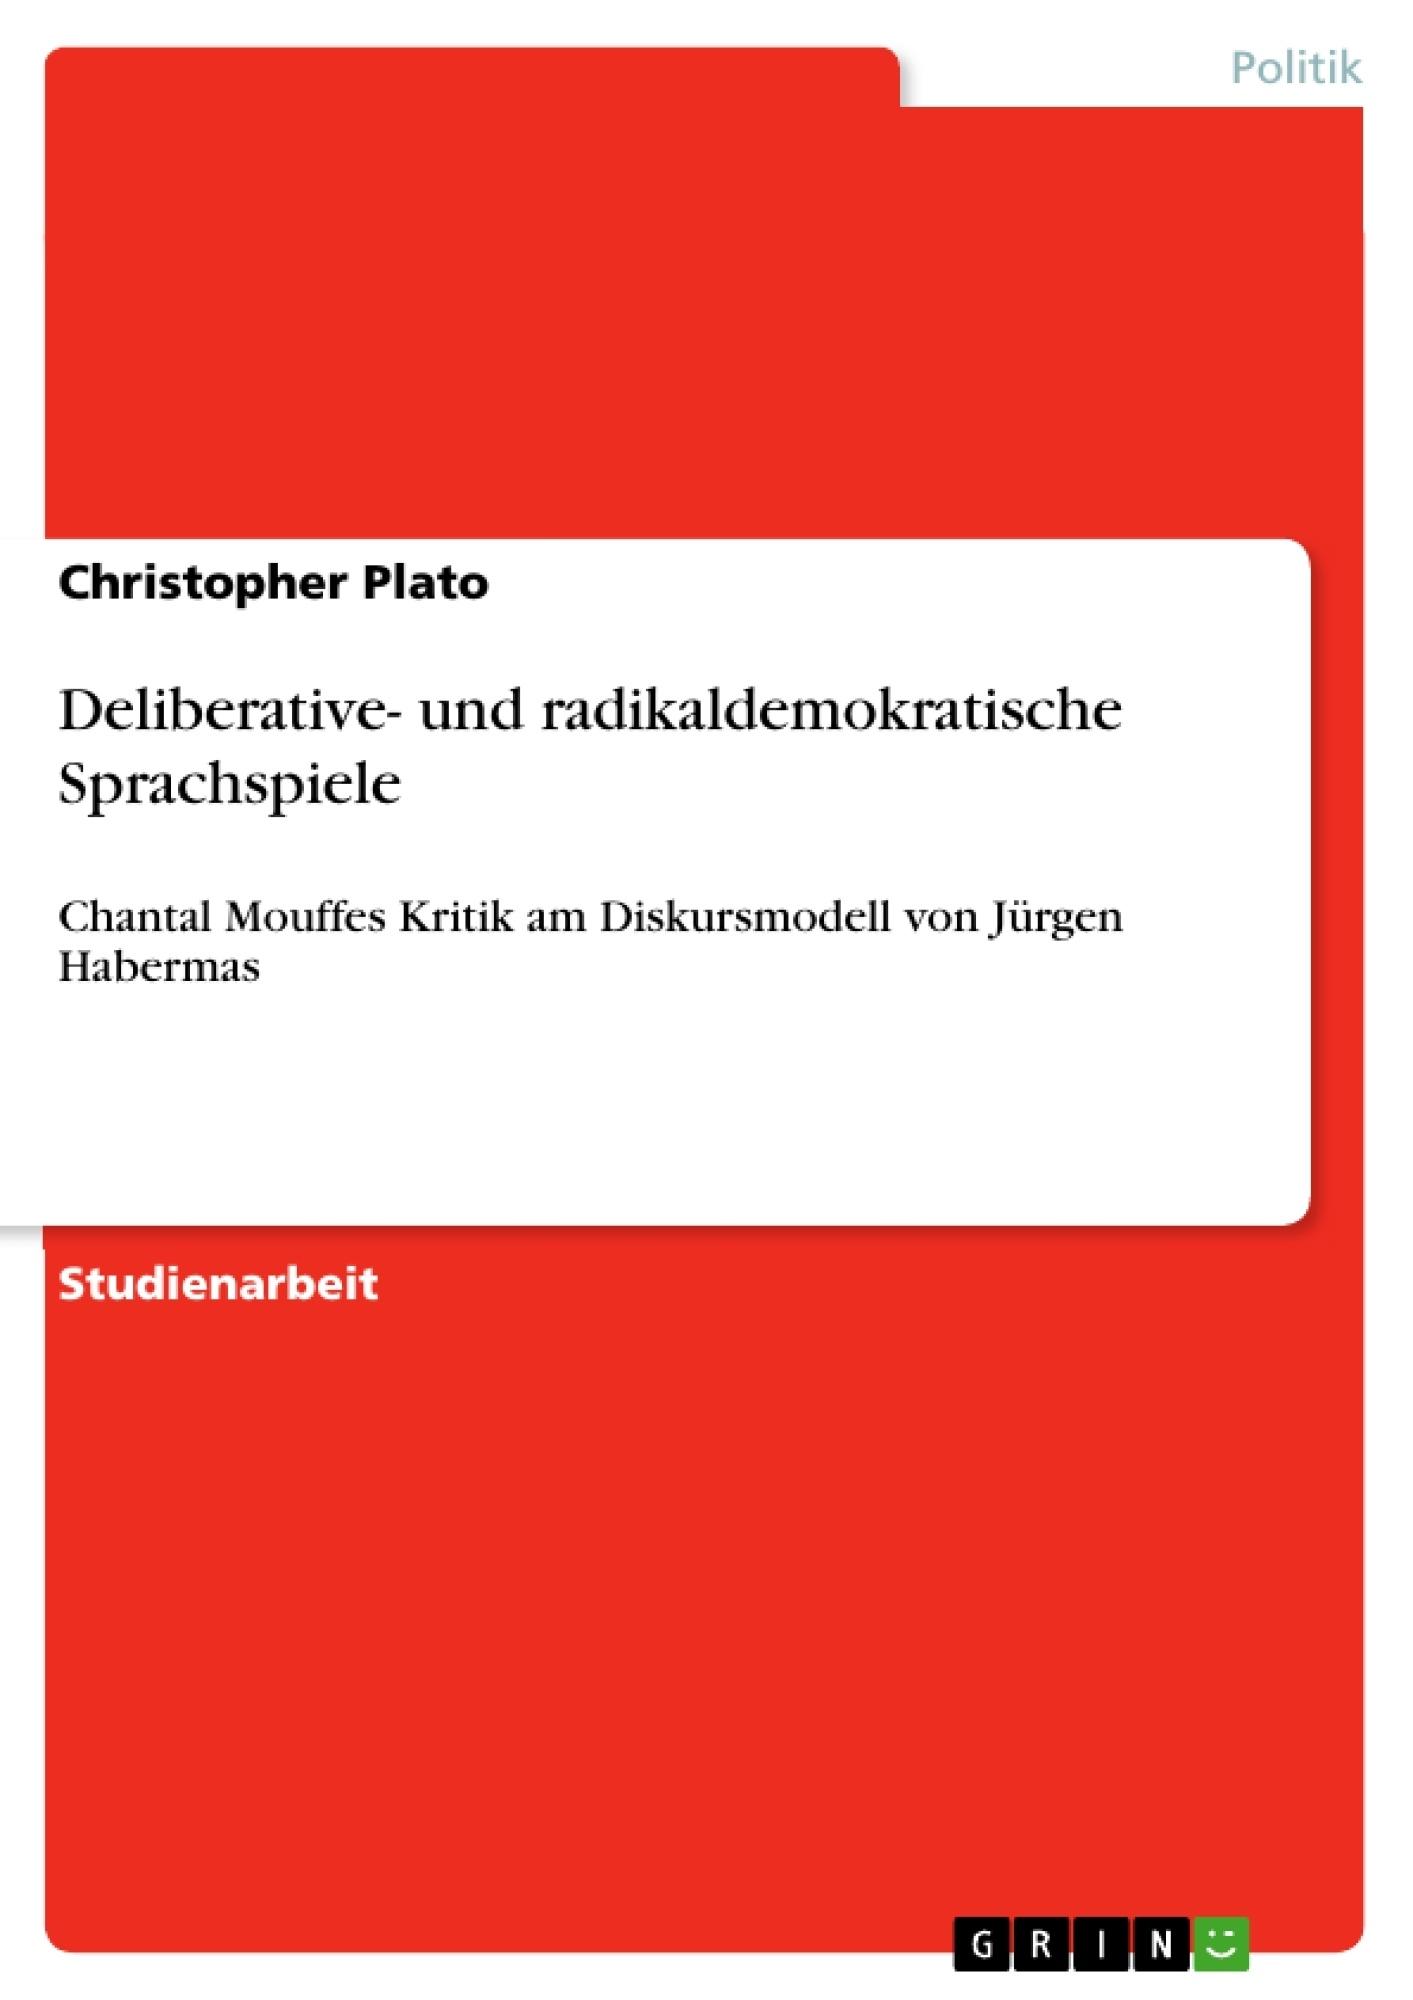 Titel: Deliberative- und radikaldemokratische Sprachspiele